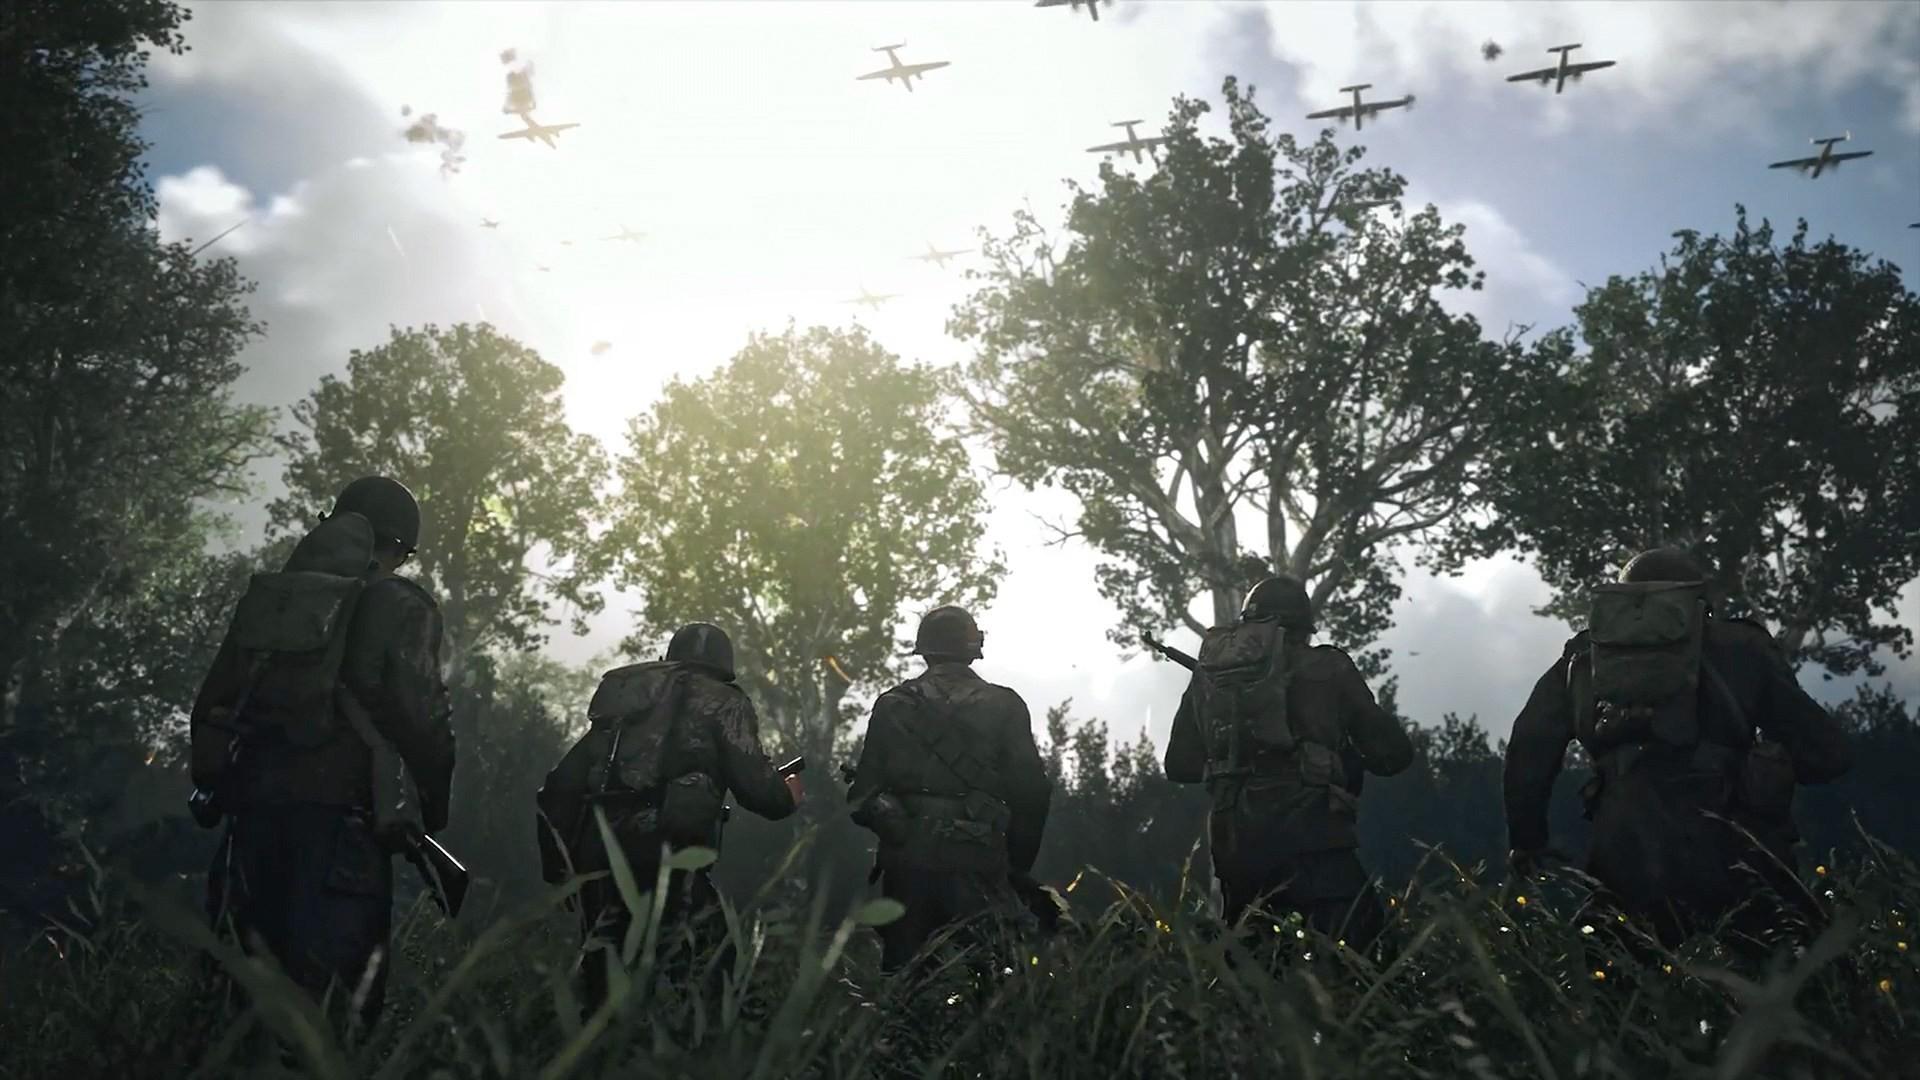 Quá may mắn, suýt chút nữa Call of Duty năm nay đã lại trở thành thảm họa nếu Activision không ra tay